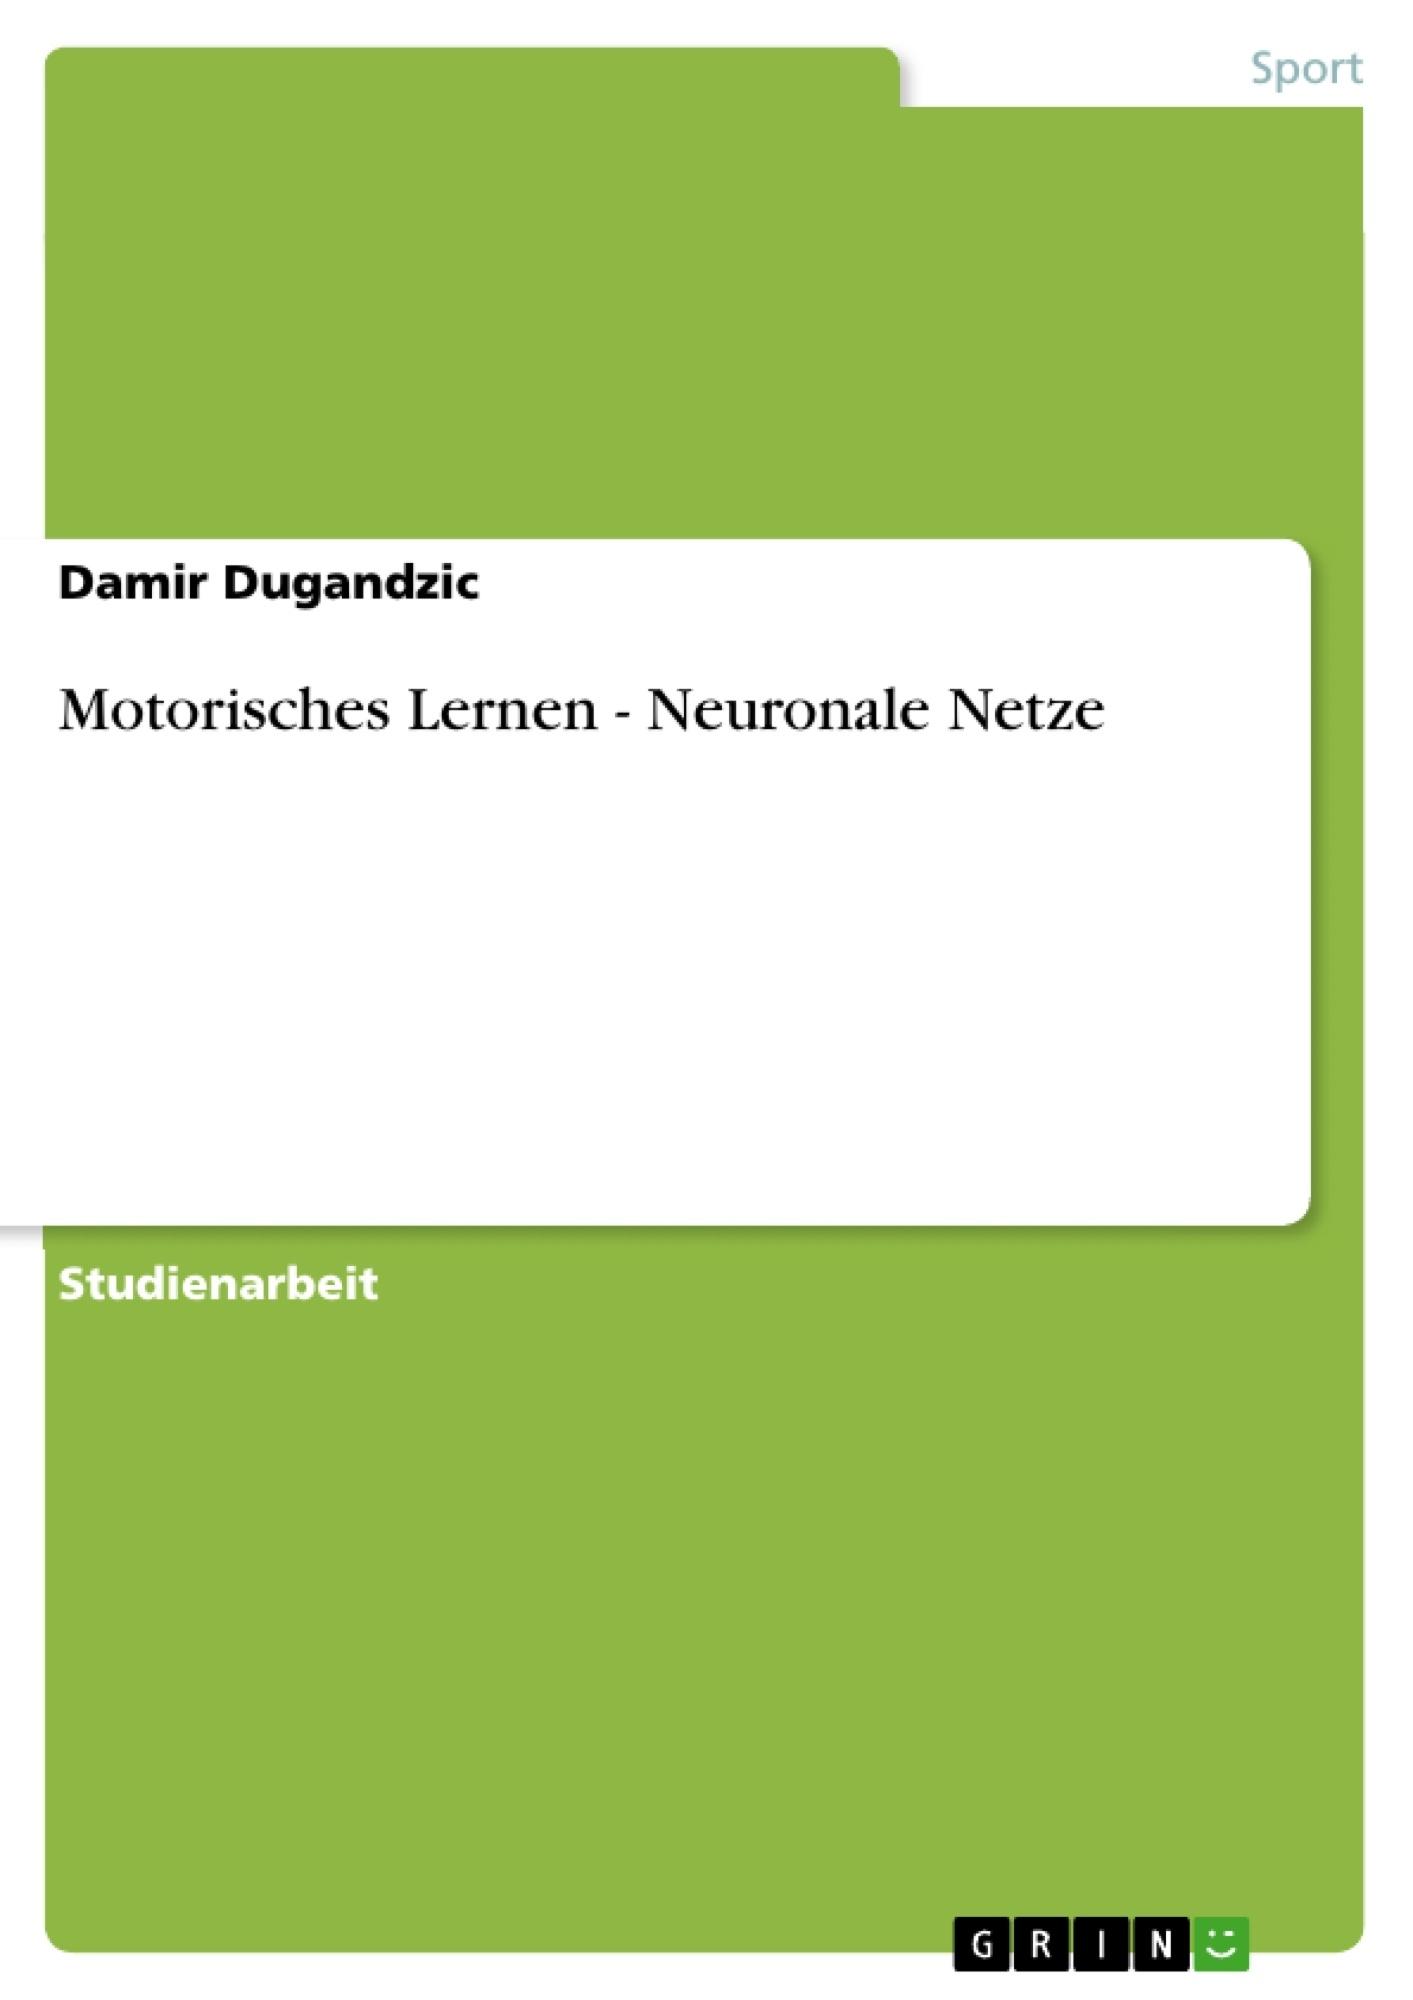 Titel: Motorisches Lernen - Neuronale Netze